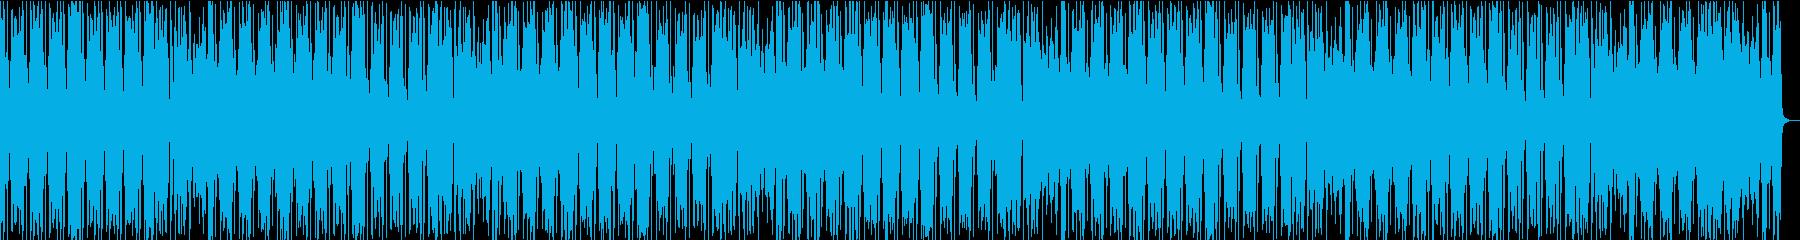 44秒でサビ、和琴、さわやか/静めの再生済みの波形